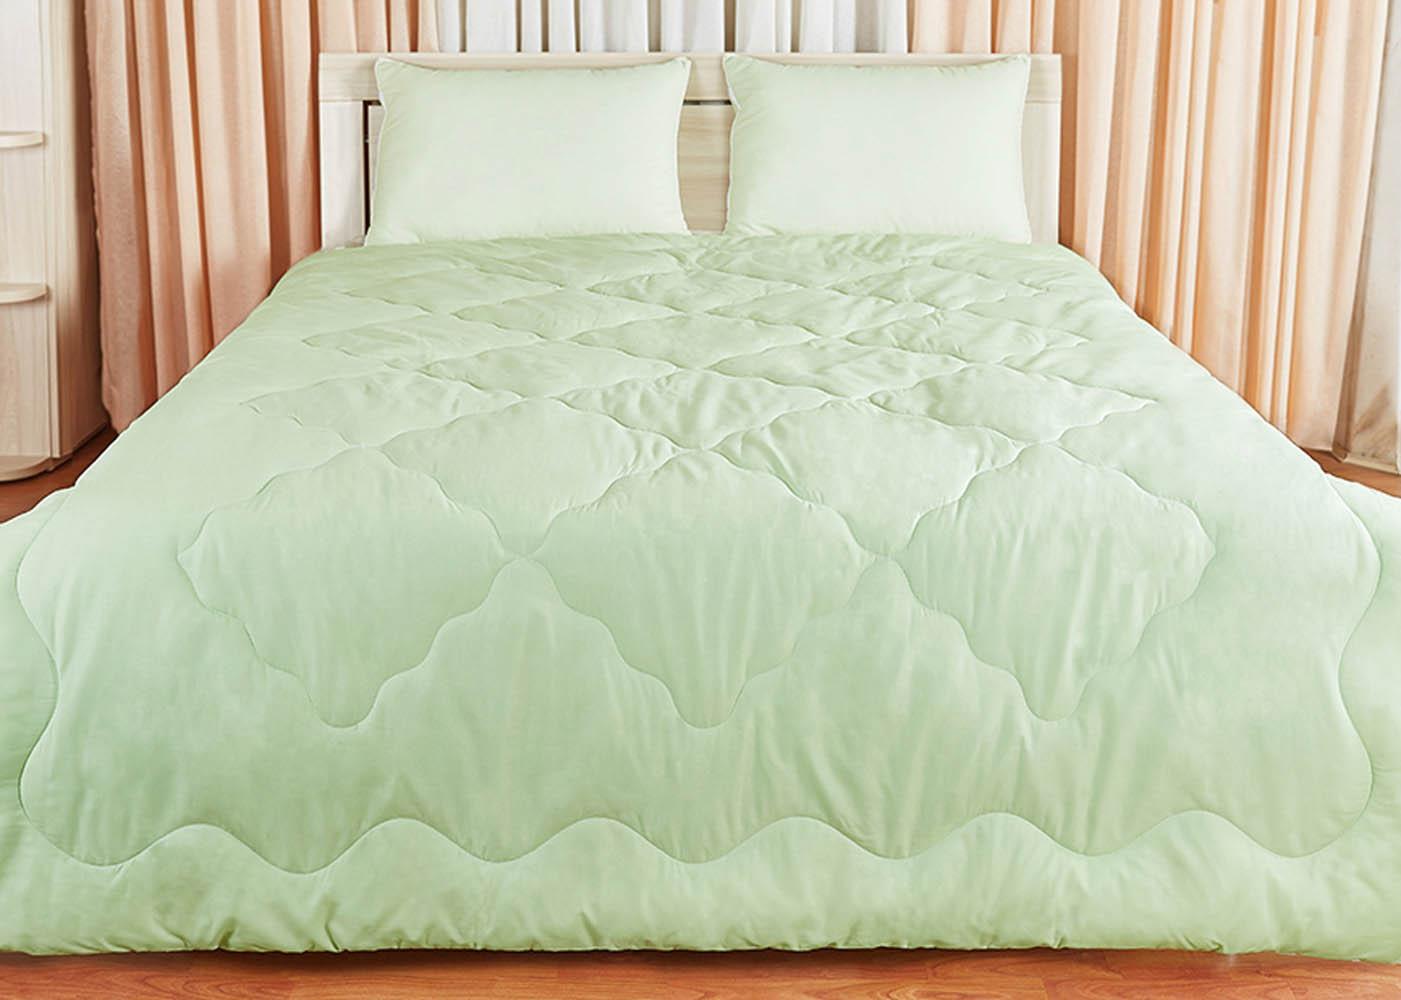 Одеяла Primavelle Одеяло Лежебока Цвет: Салатовый (140х205 см)